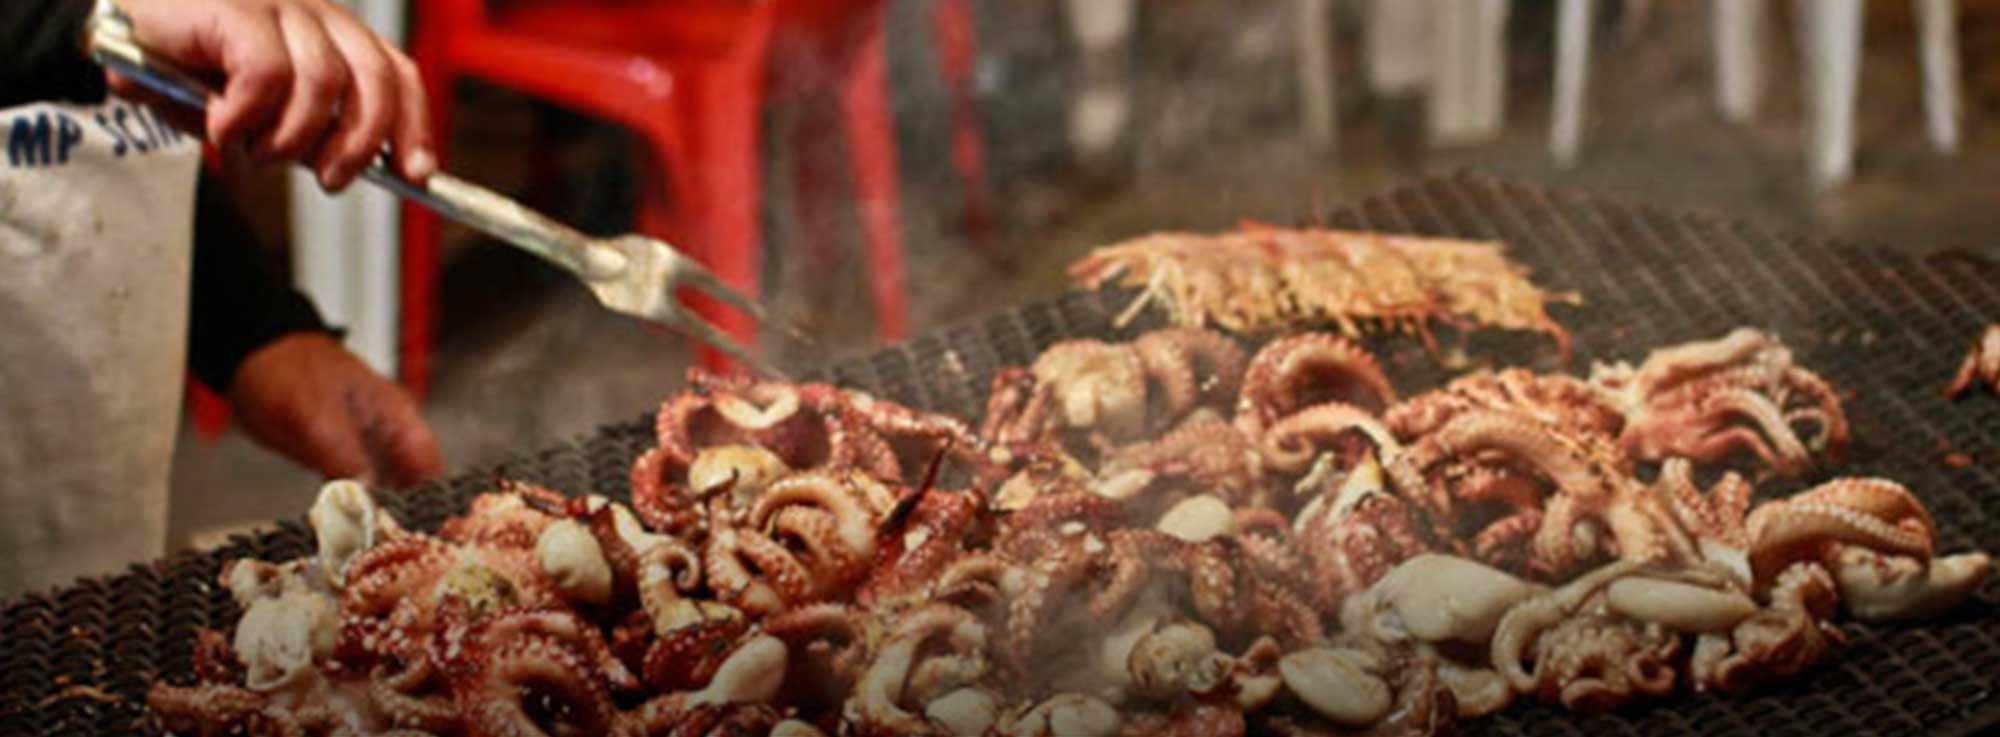 Mola di Bari: Sagra del polpo